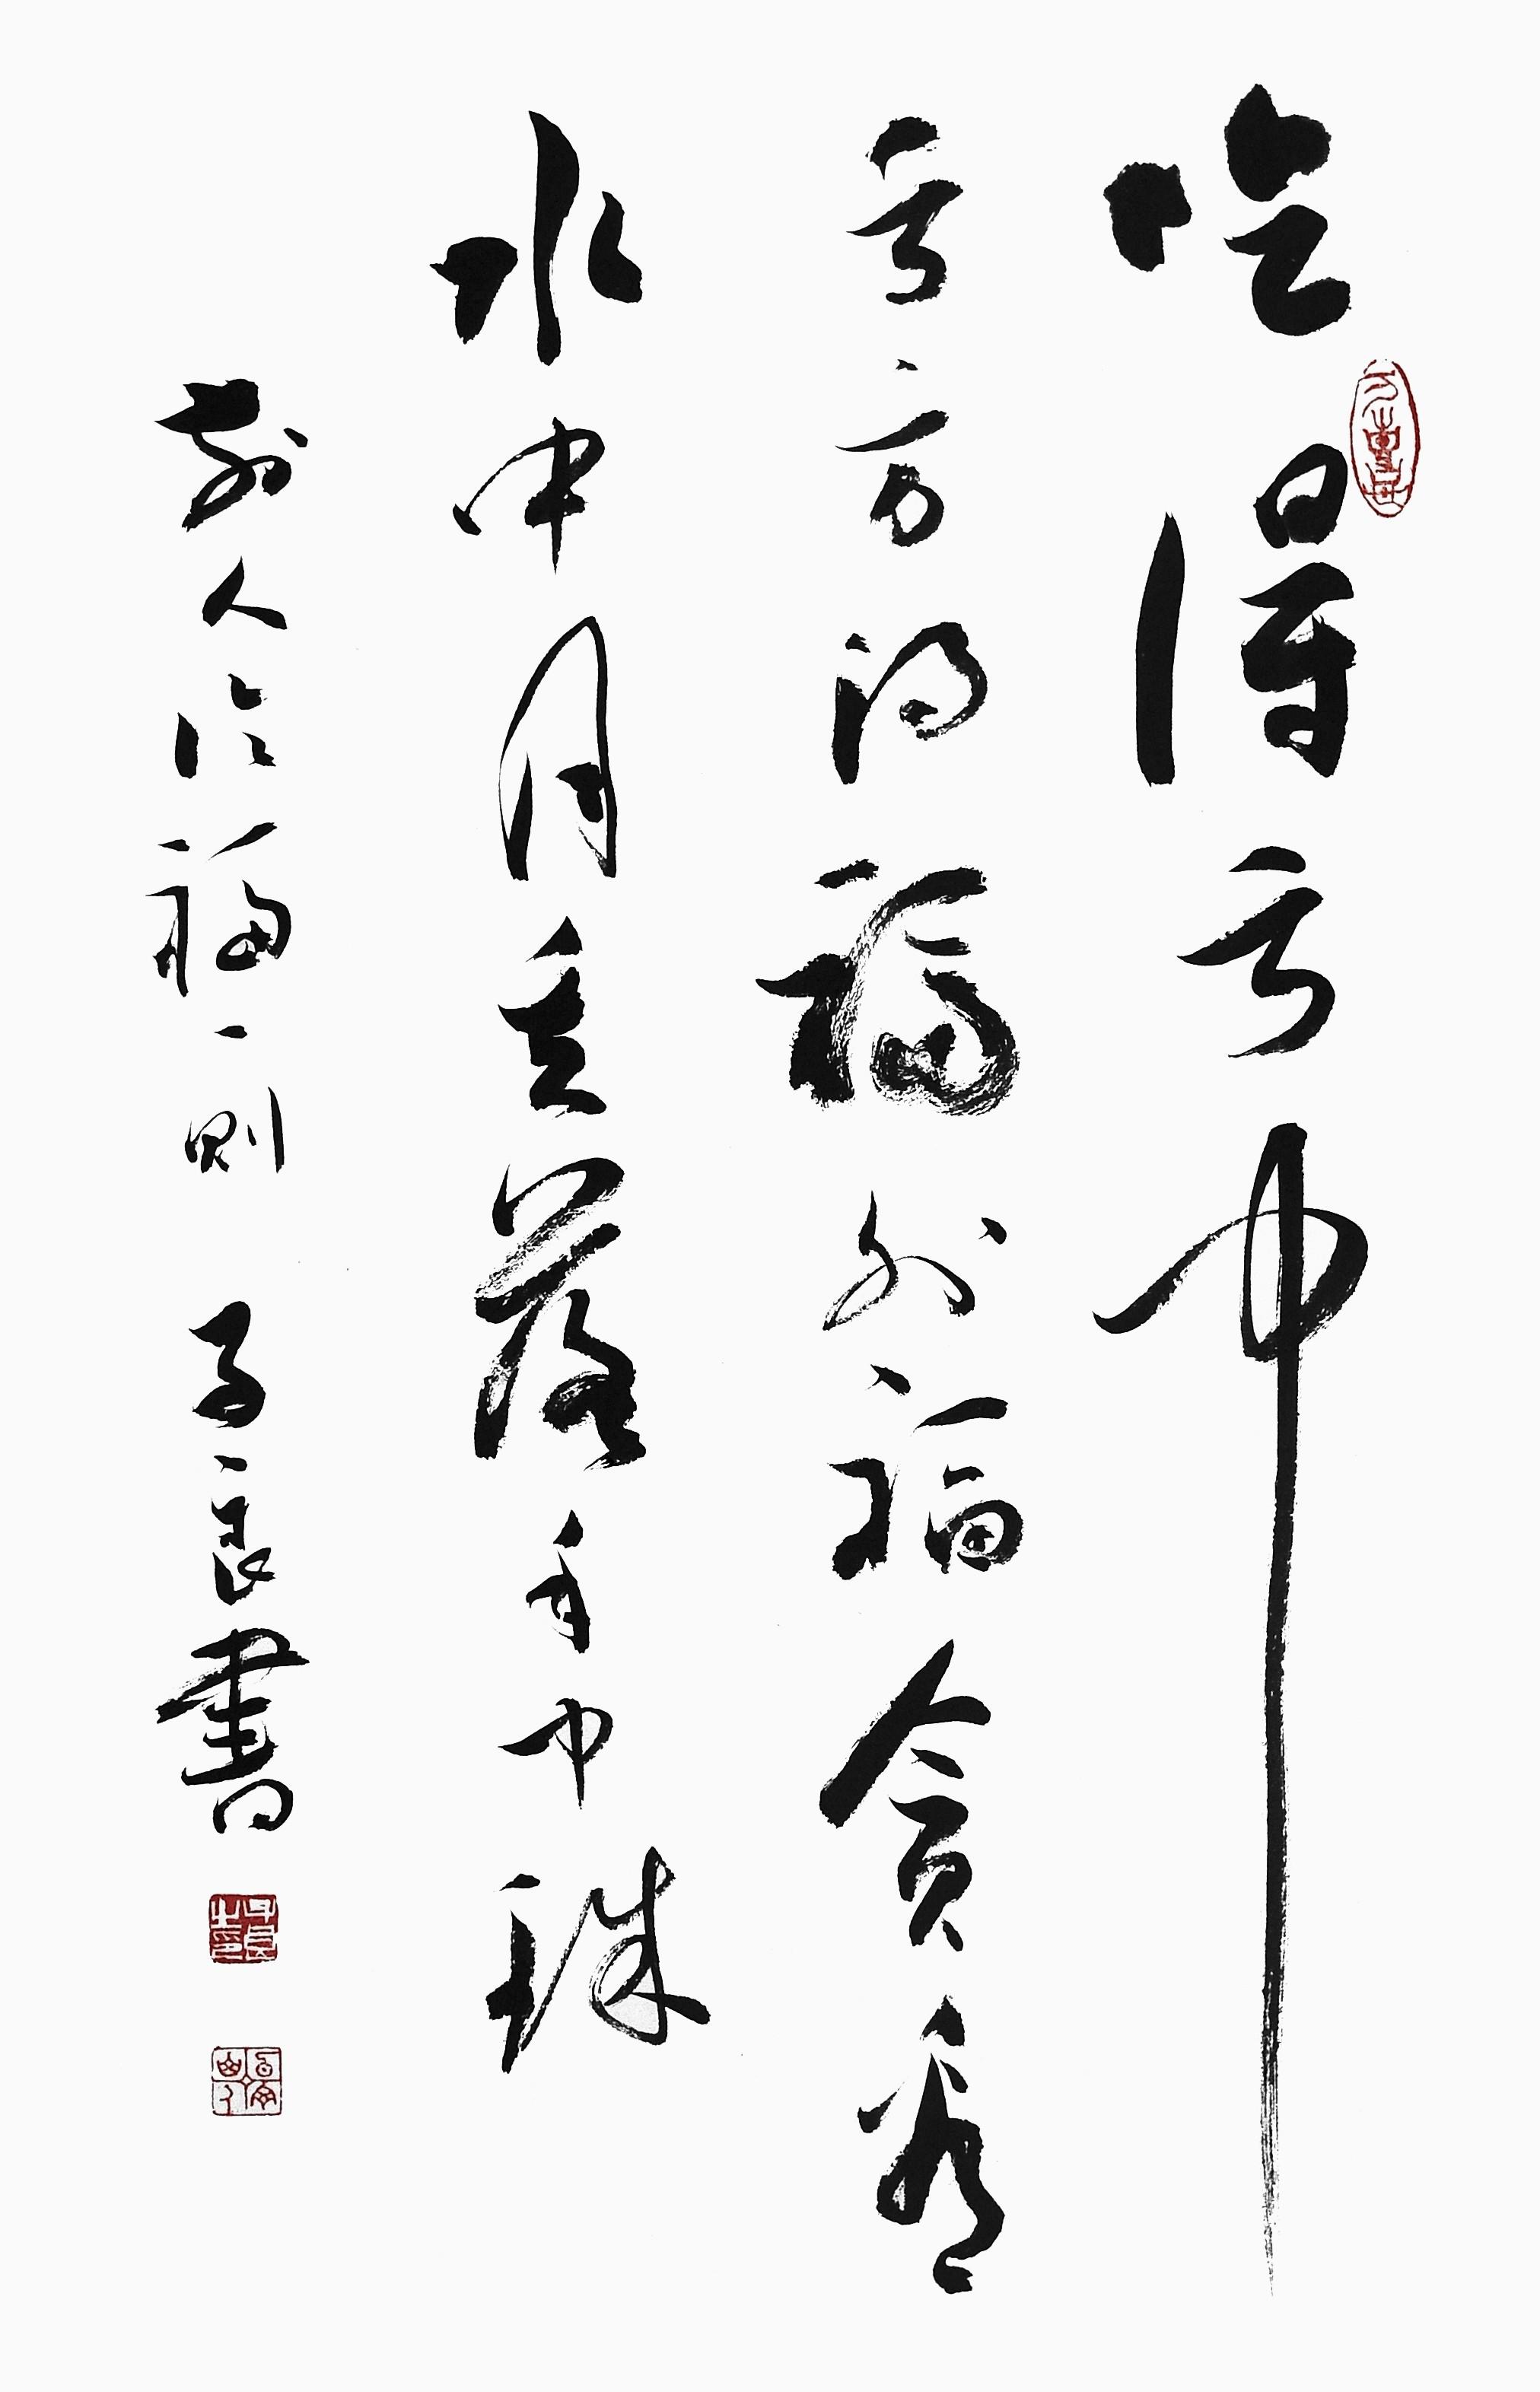 吃得亏中亏,方得福外福;贪看水中月,丢落手中珠。45×68cm.JPG